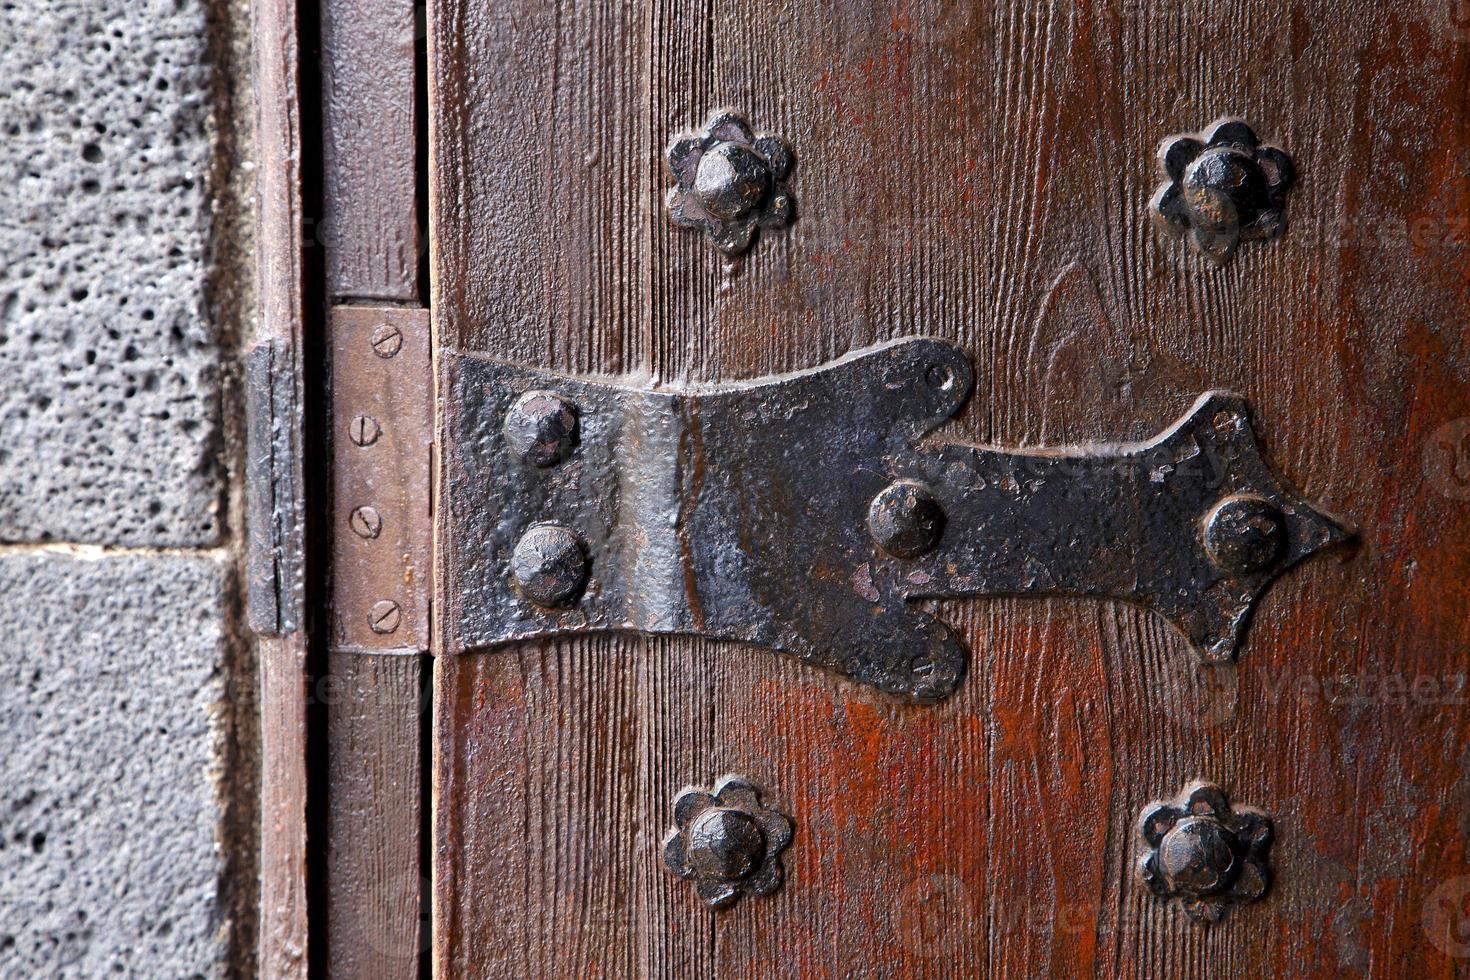 Bloquear España aldaba abstracto r madera en el rojo marrón foto